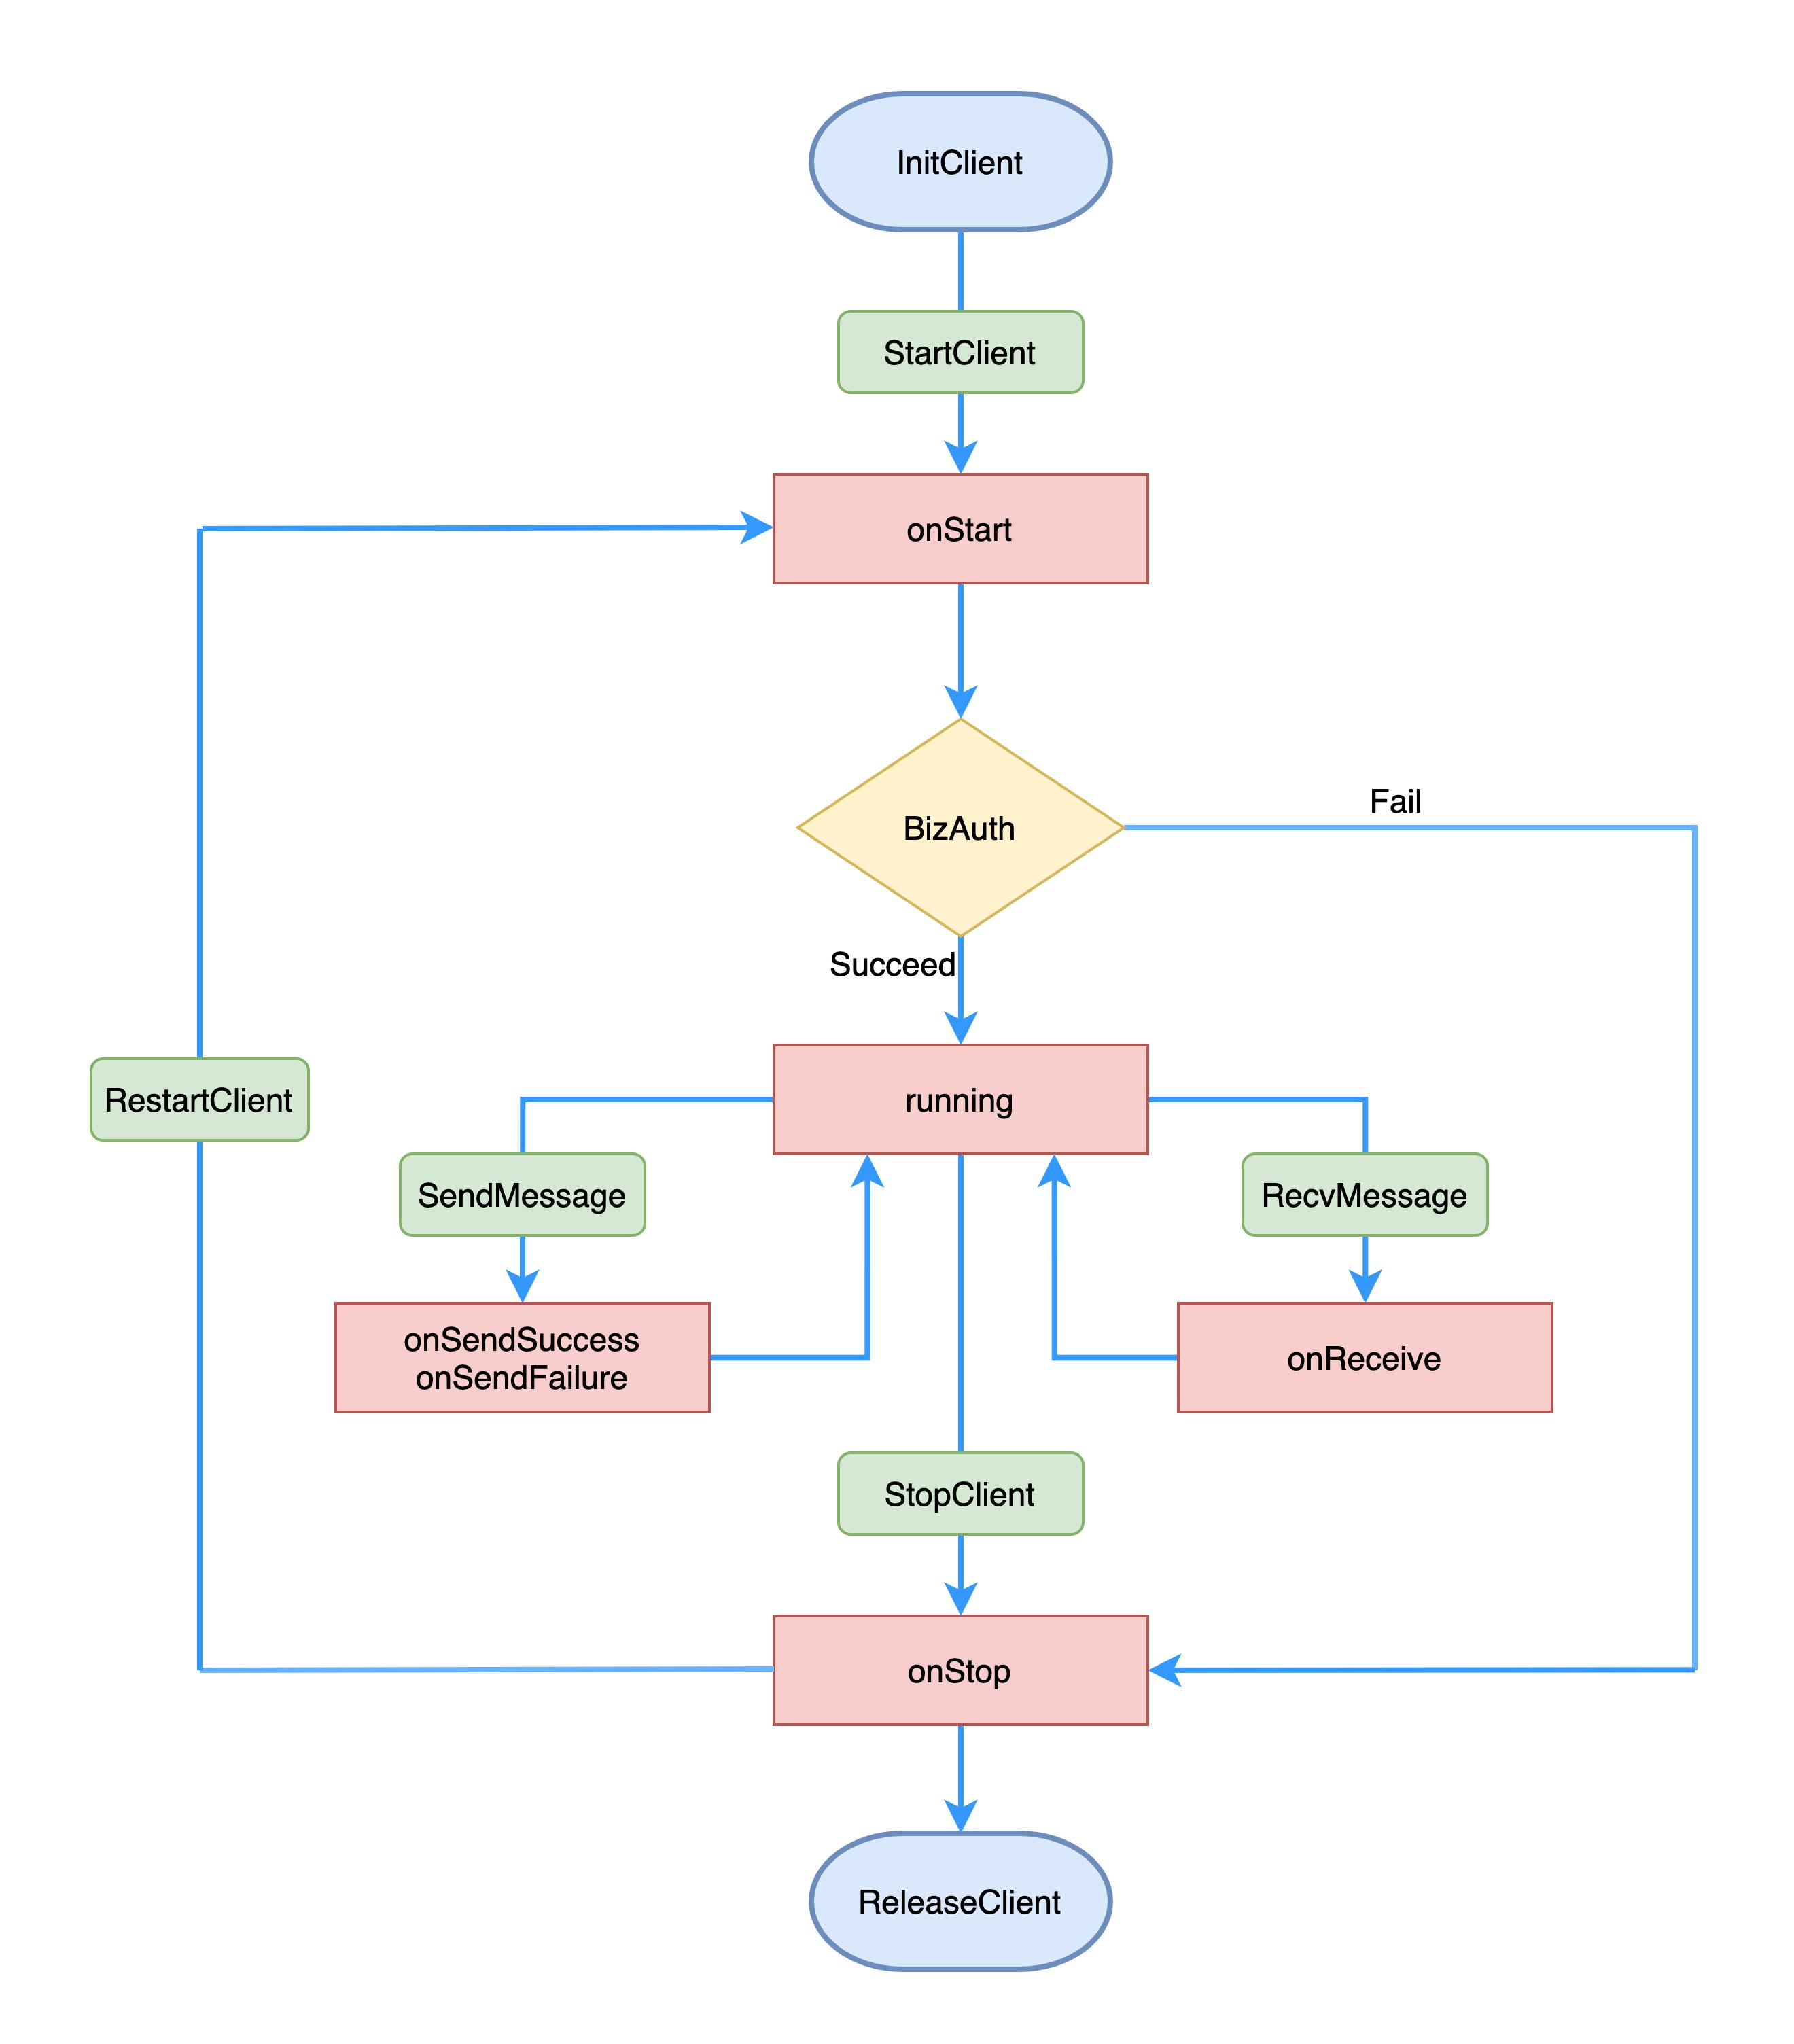 图6 PikeClient生命周期图